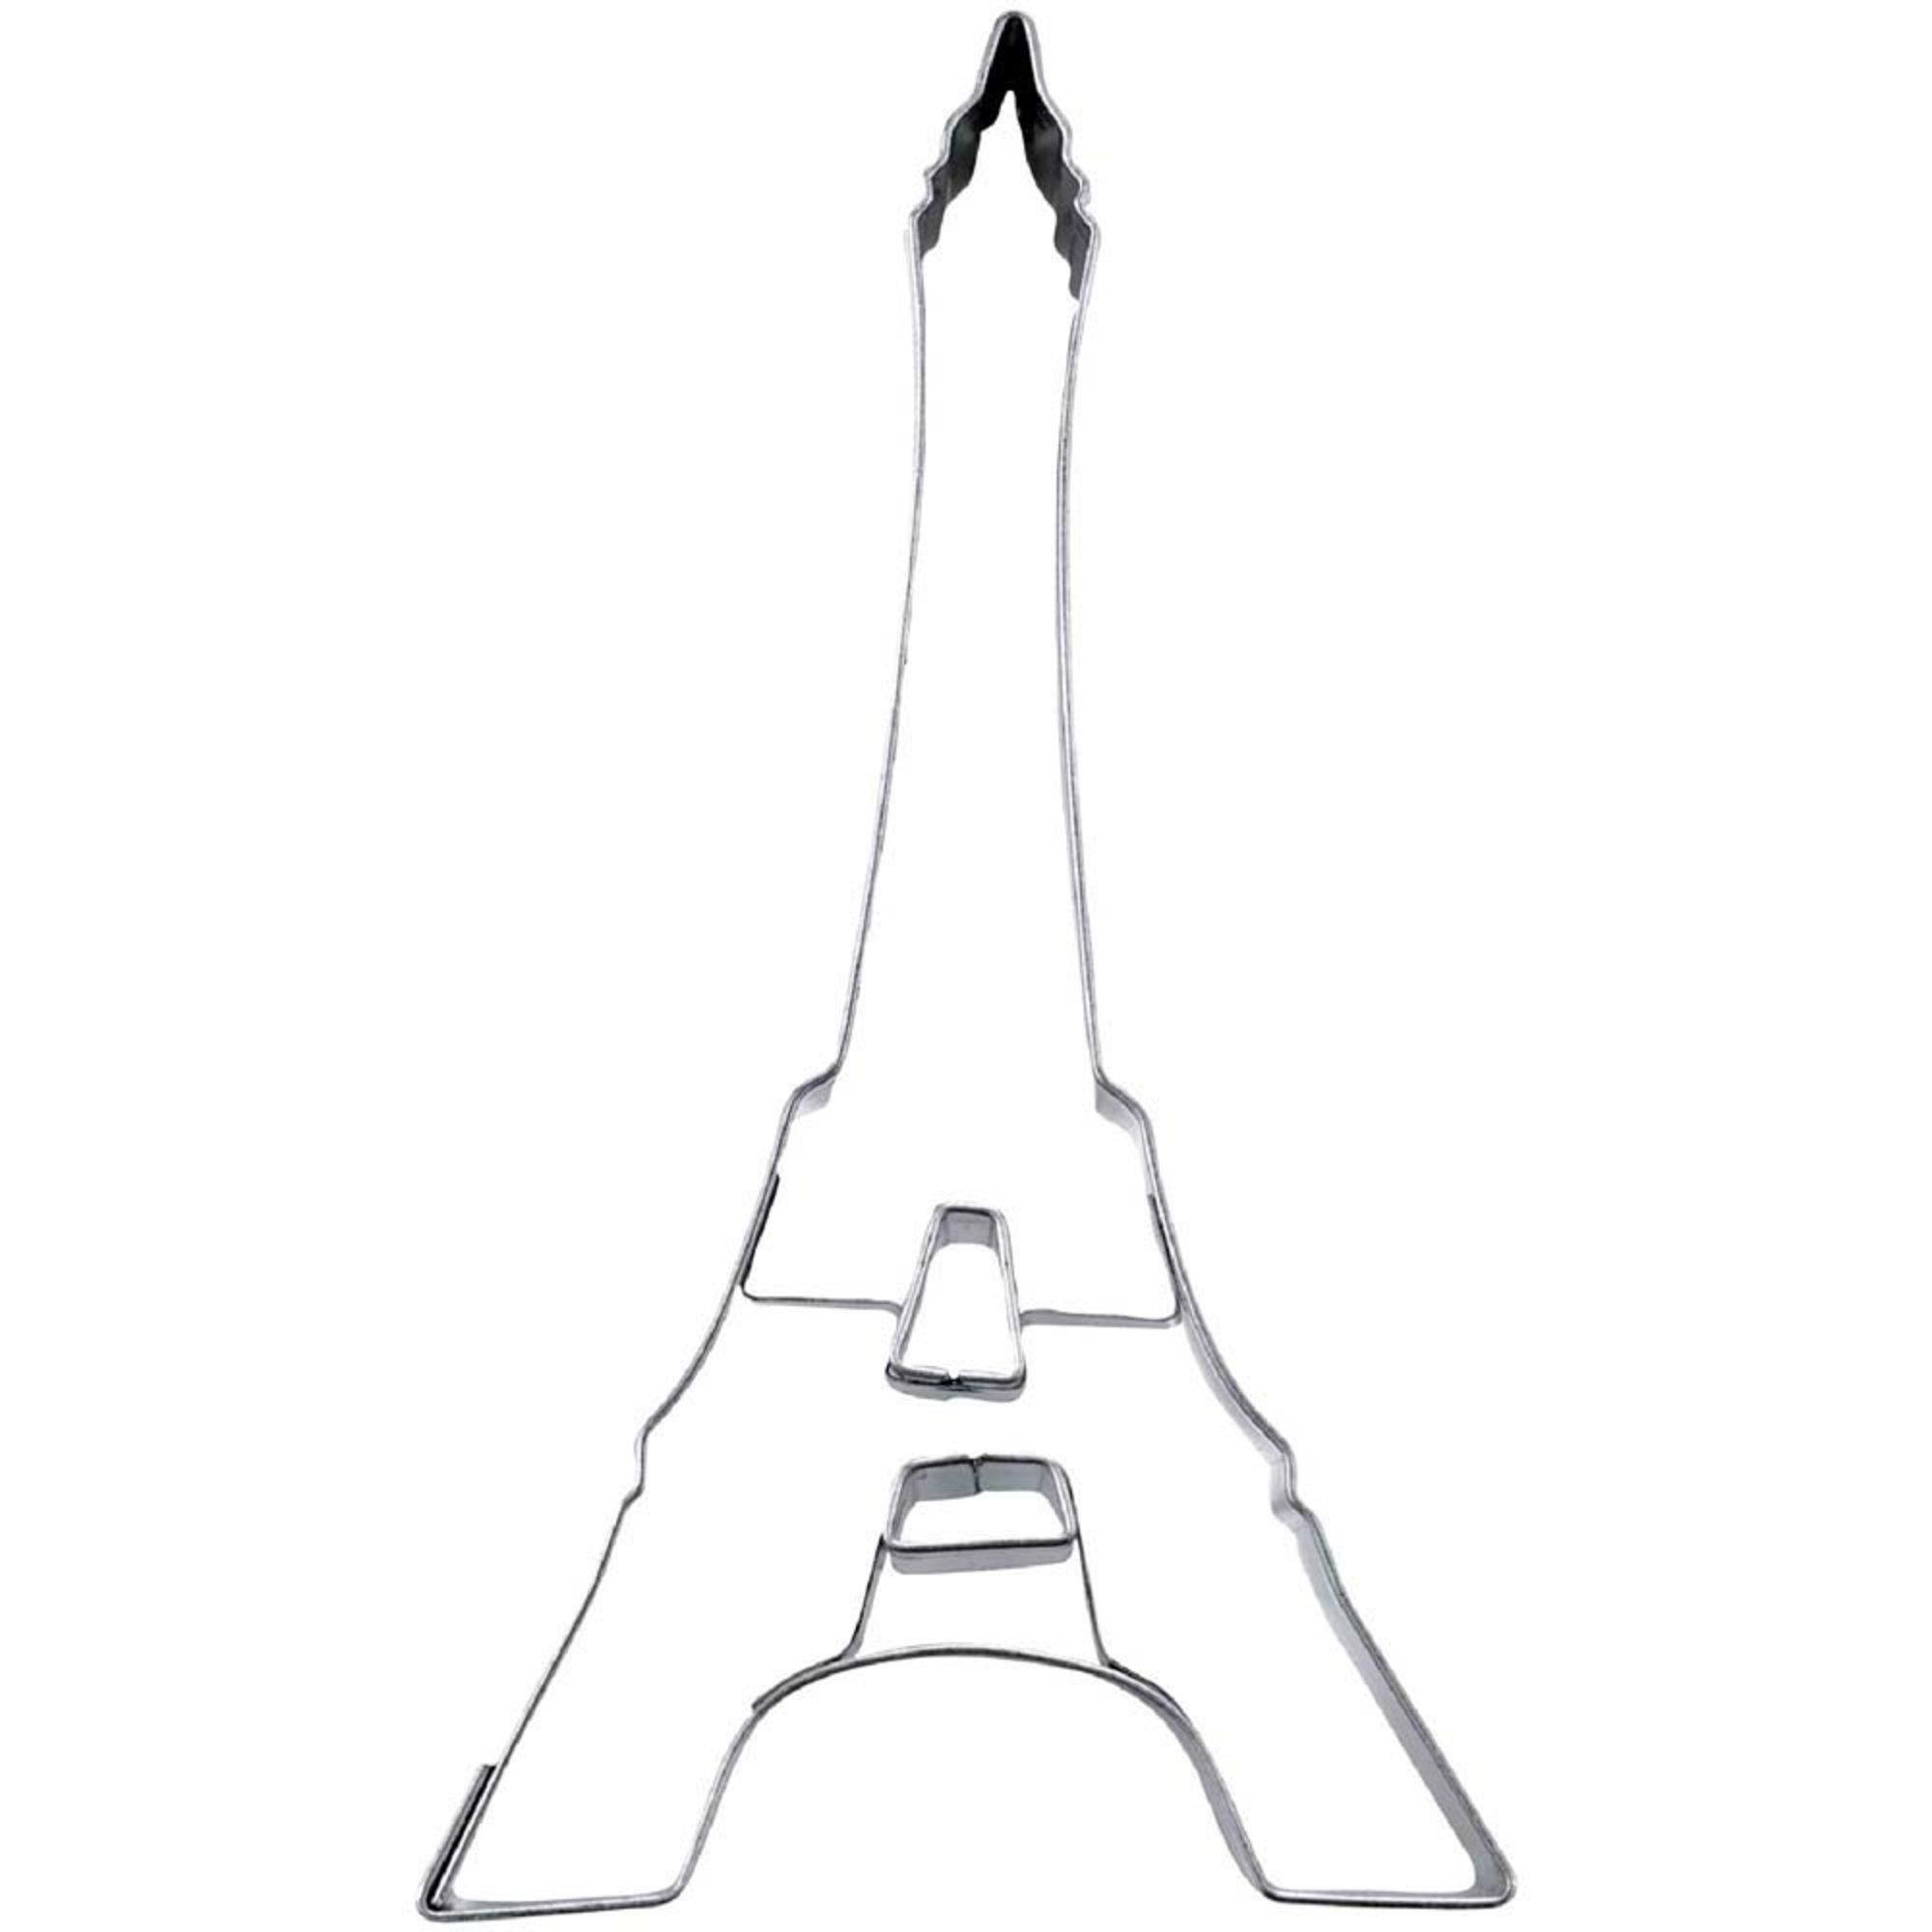 Städter Kakform Eiffeltornet 95 cm